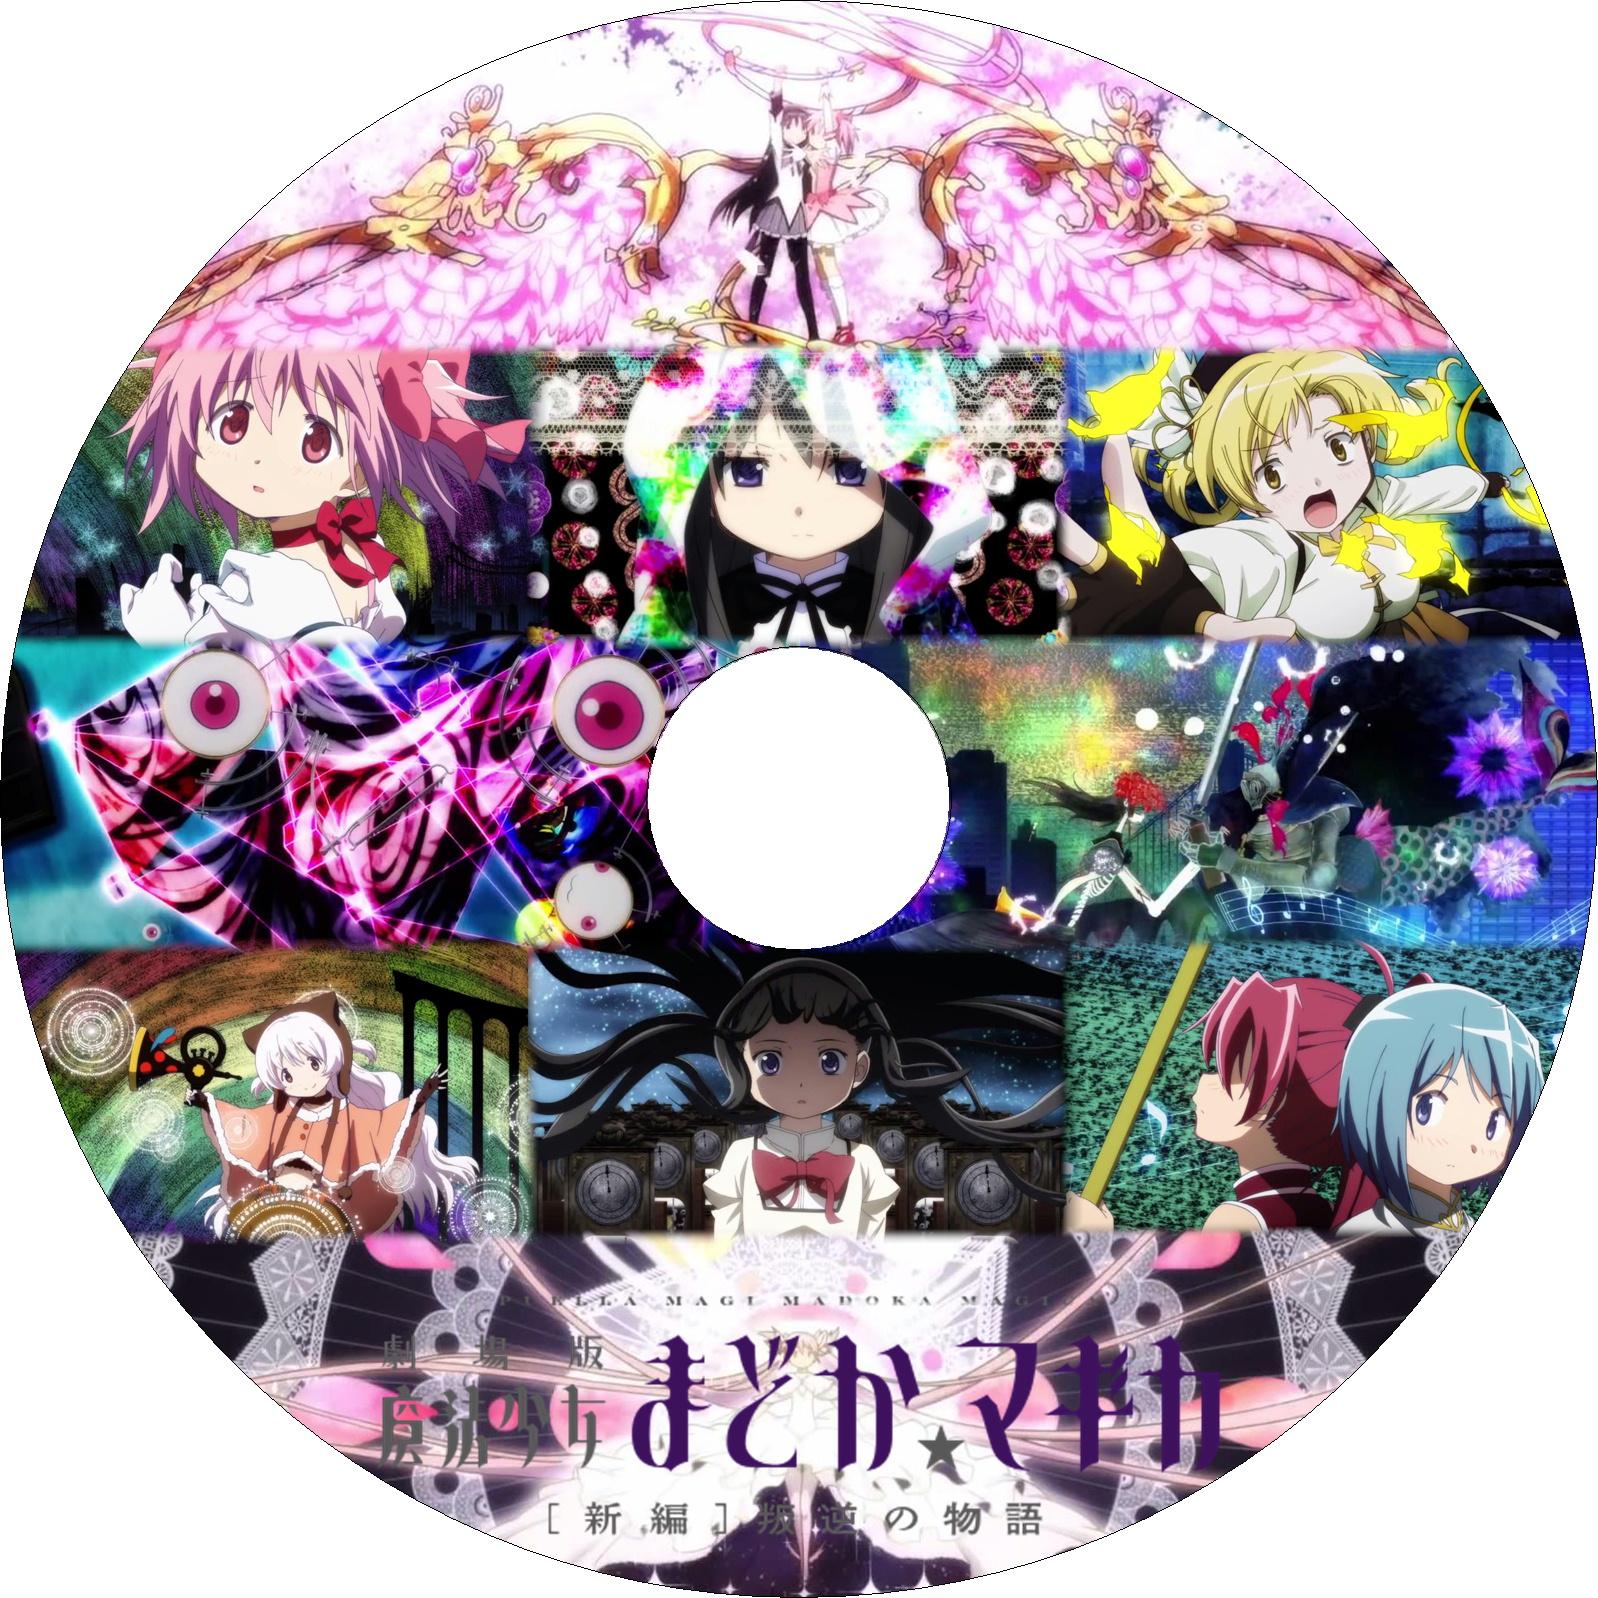 劇場版 魔法少女まどか☆マギカ [新編] 叛逆の物語 ラベル